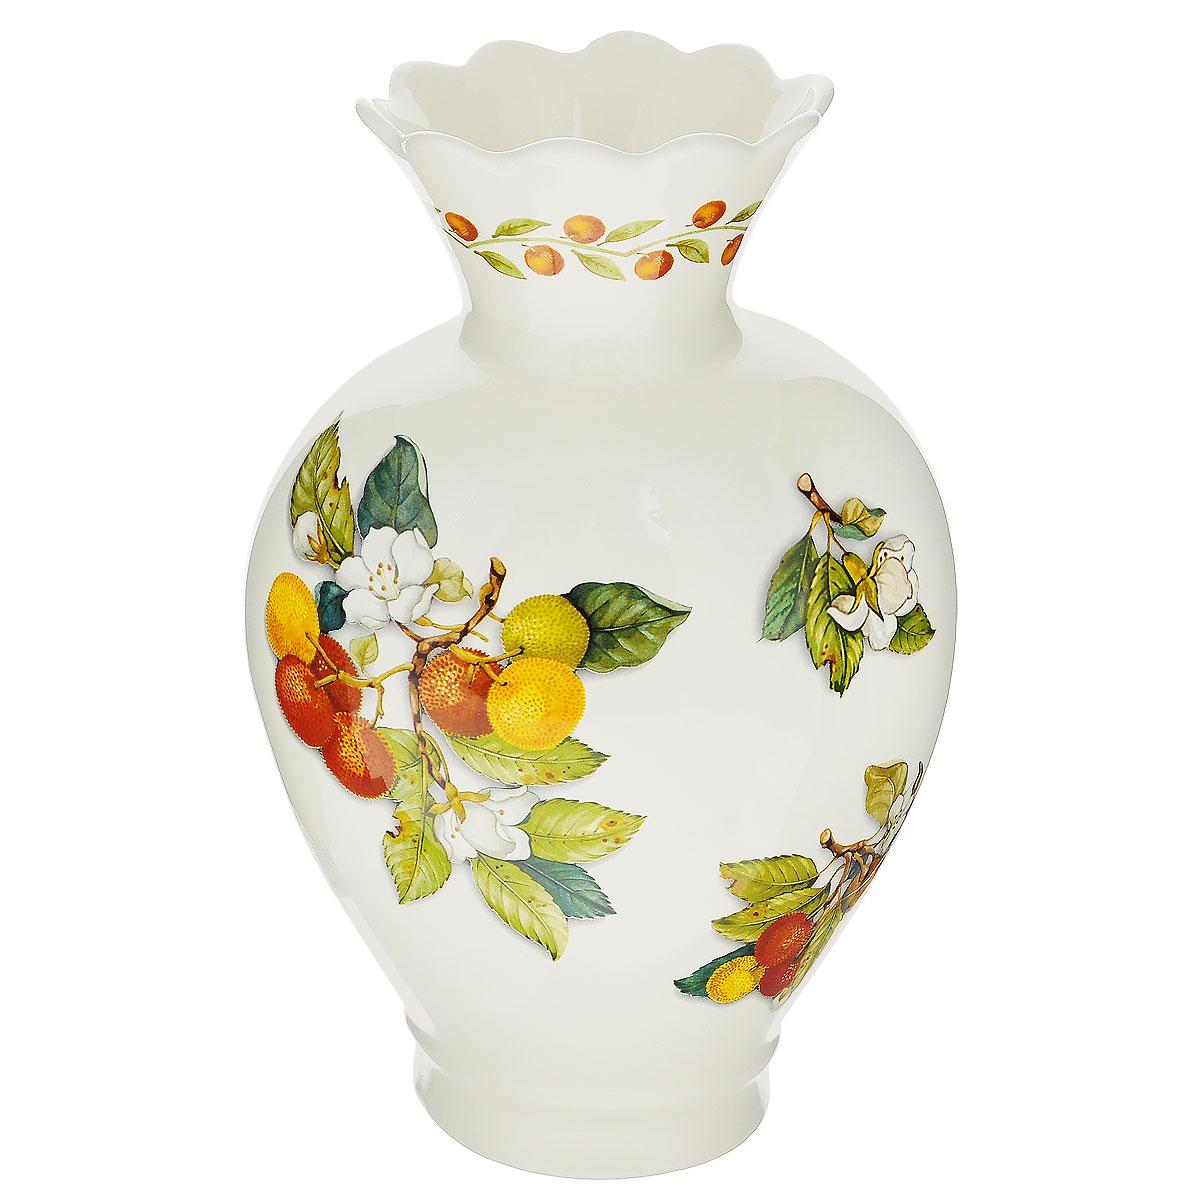 Ваза для цветов Nuova Cer Итальянские фрукты, высота 31 смNC7438-CEM-ALВаза для цветов Nuova Cer Итальянские фрукты изготовлена из высококачественной керамики и украшена красочным изображением фруктов. Такая оригинальная ваза прекрасно оформит интерьер дома, офиса или дачи. Подойдет как для декора, так и в качестве вазы для цветов. Высота вазы: 31 см. Размер по верхнему краю: 12,5 см х 10,5 см. Размер основания: 10,5 см х 10 см. Общий размер вазы: 20 см х 14,5 см х 31 см.